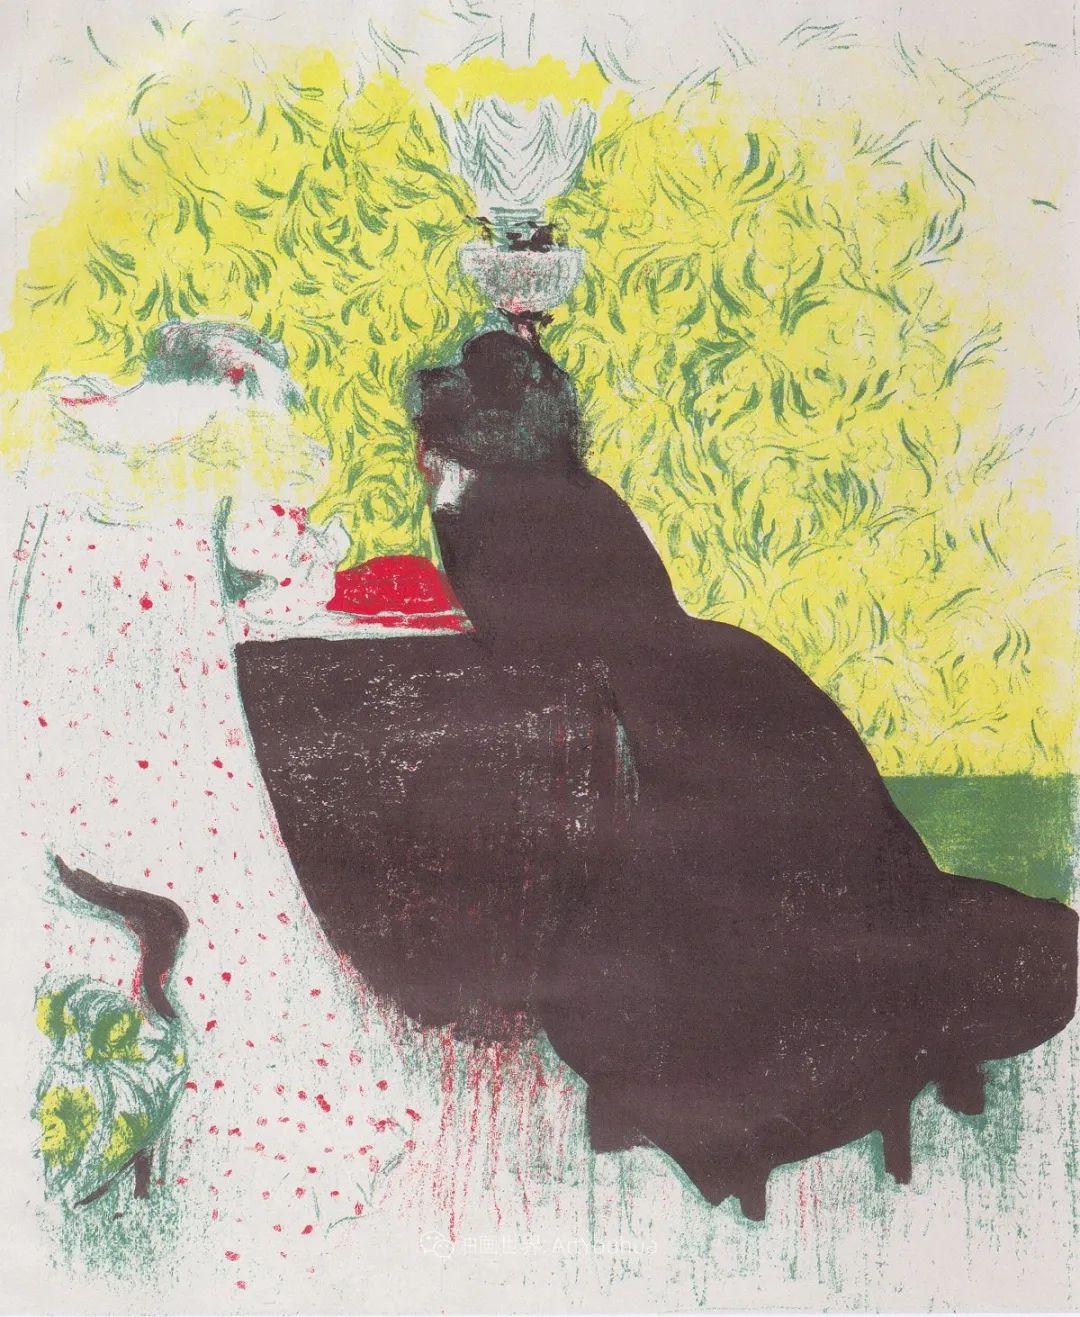 内景主义创始人,法国画家爱德华·维亚尔插图119